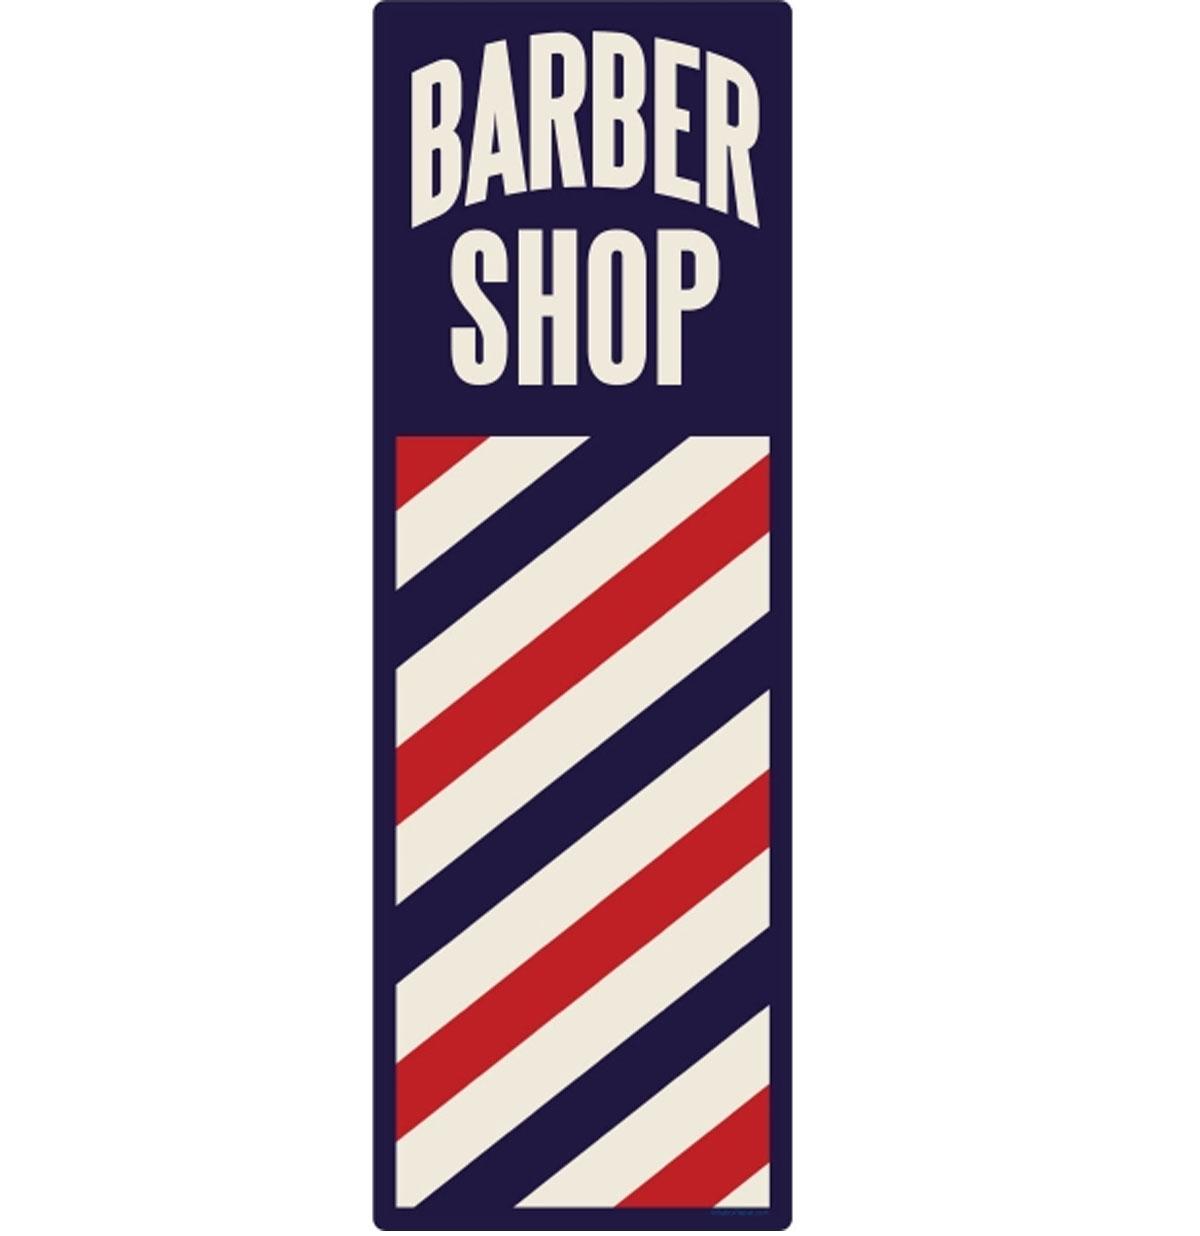 Barber Shop Zwaar Metalen Bord 50 x 13 cm